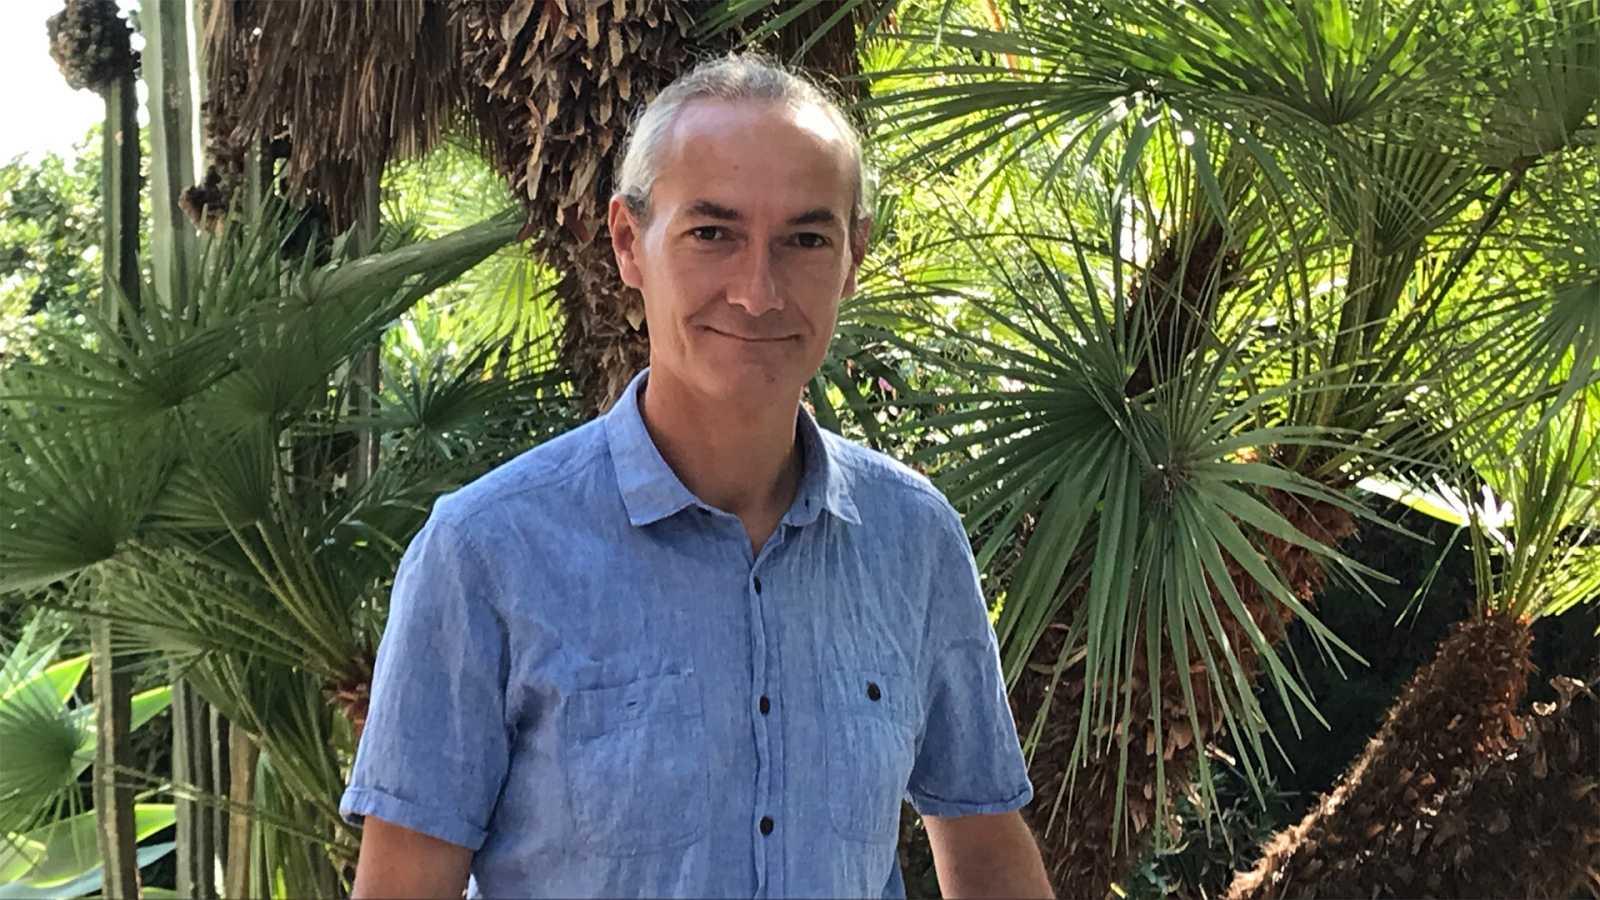 Punto de enlace - Juan Reguera, una vida dedicada a la lucha contra los virus -28/07/20 - escuchar ahora